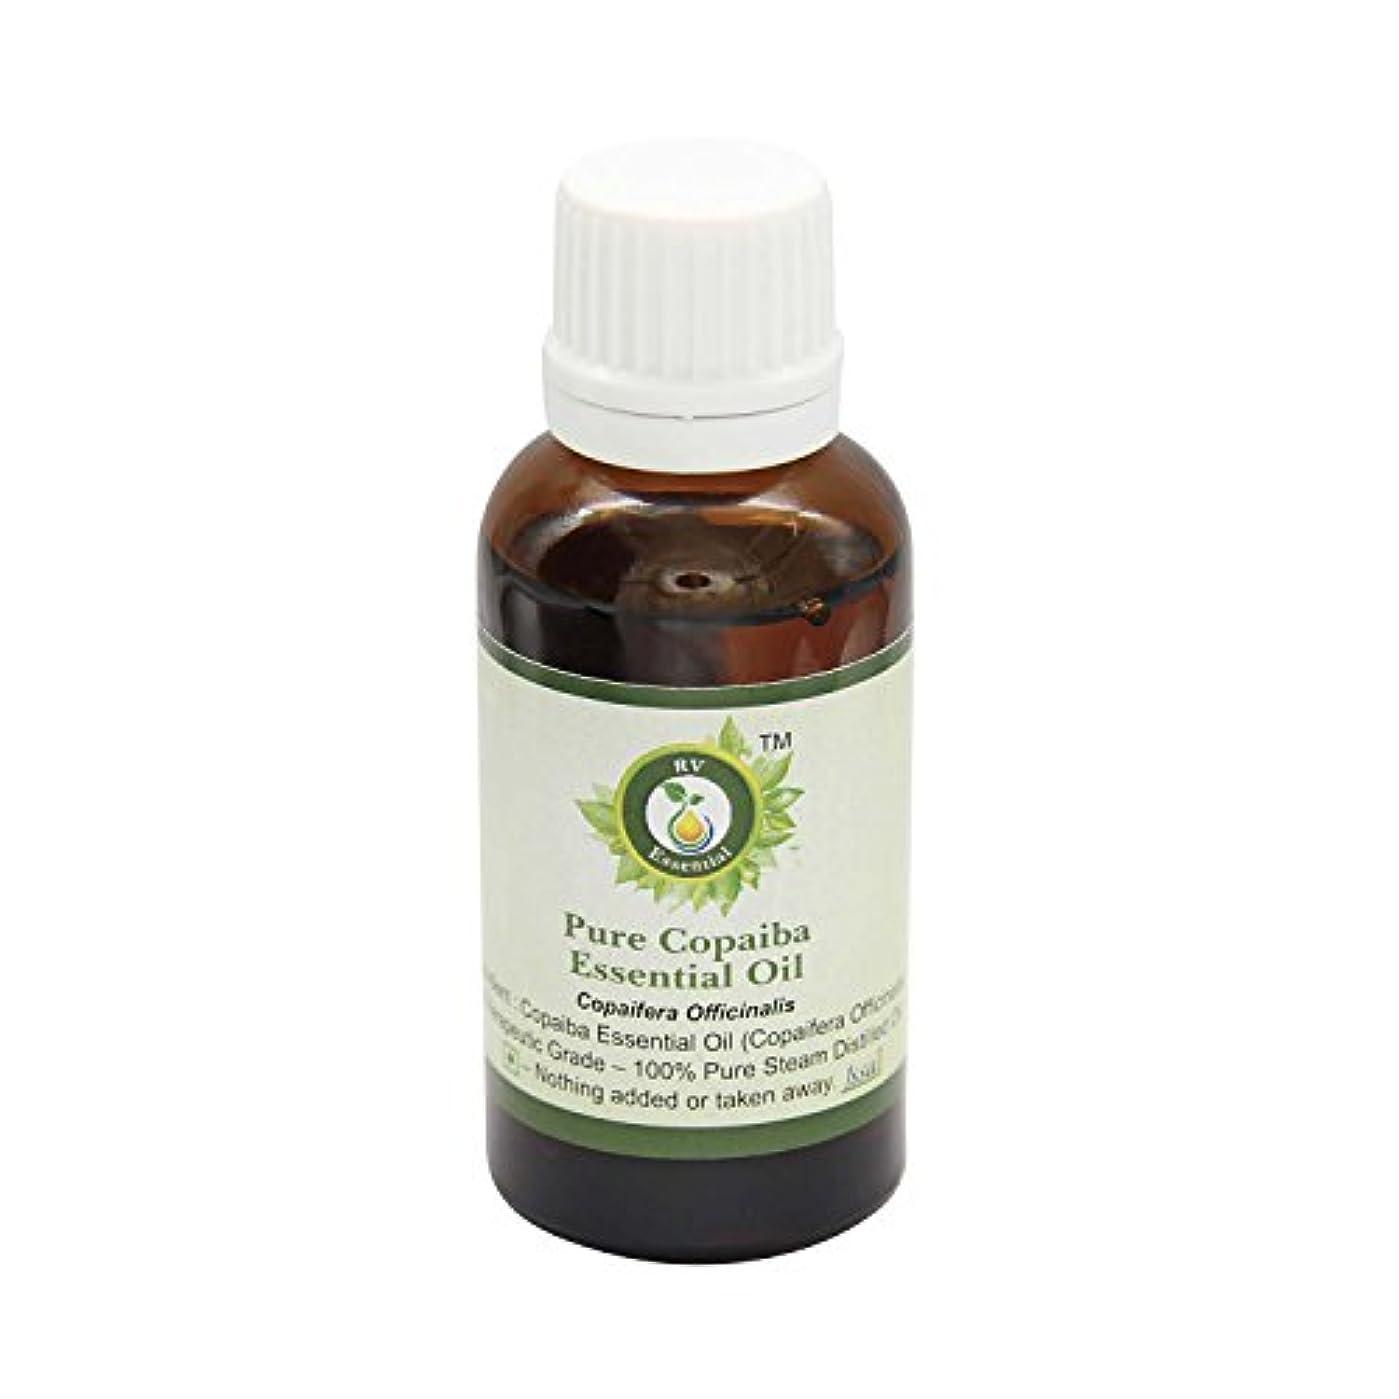 最終的にシェーバー落胆したR V Essential ピュアコパイバエッセンシャルオイル5ml (0.169oz)- Copaifera Officinalis (100%純粋&天然スチームDistilled) Pure Copaiba Essential Oil